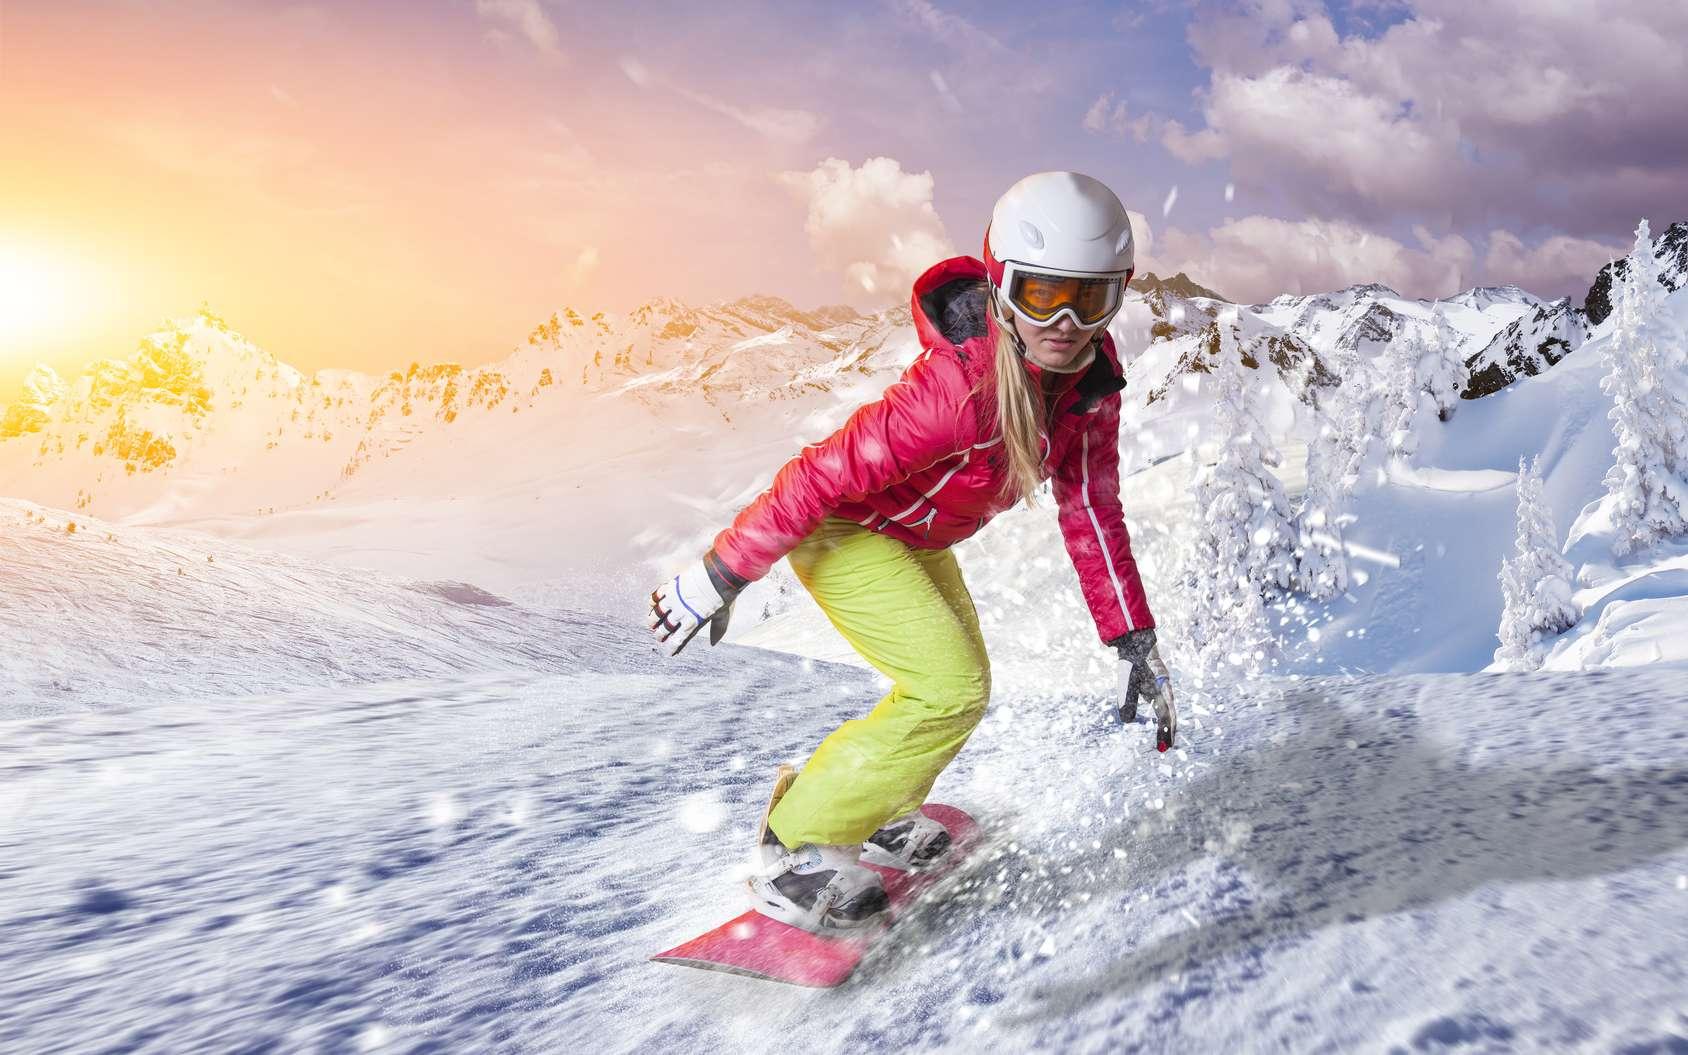 Le snowboard en mode big air fait son entrée au programme des Jeux olympiques d'hiver 2018. © Herrndorff, fotolia